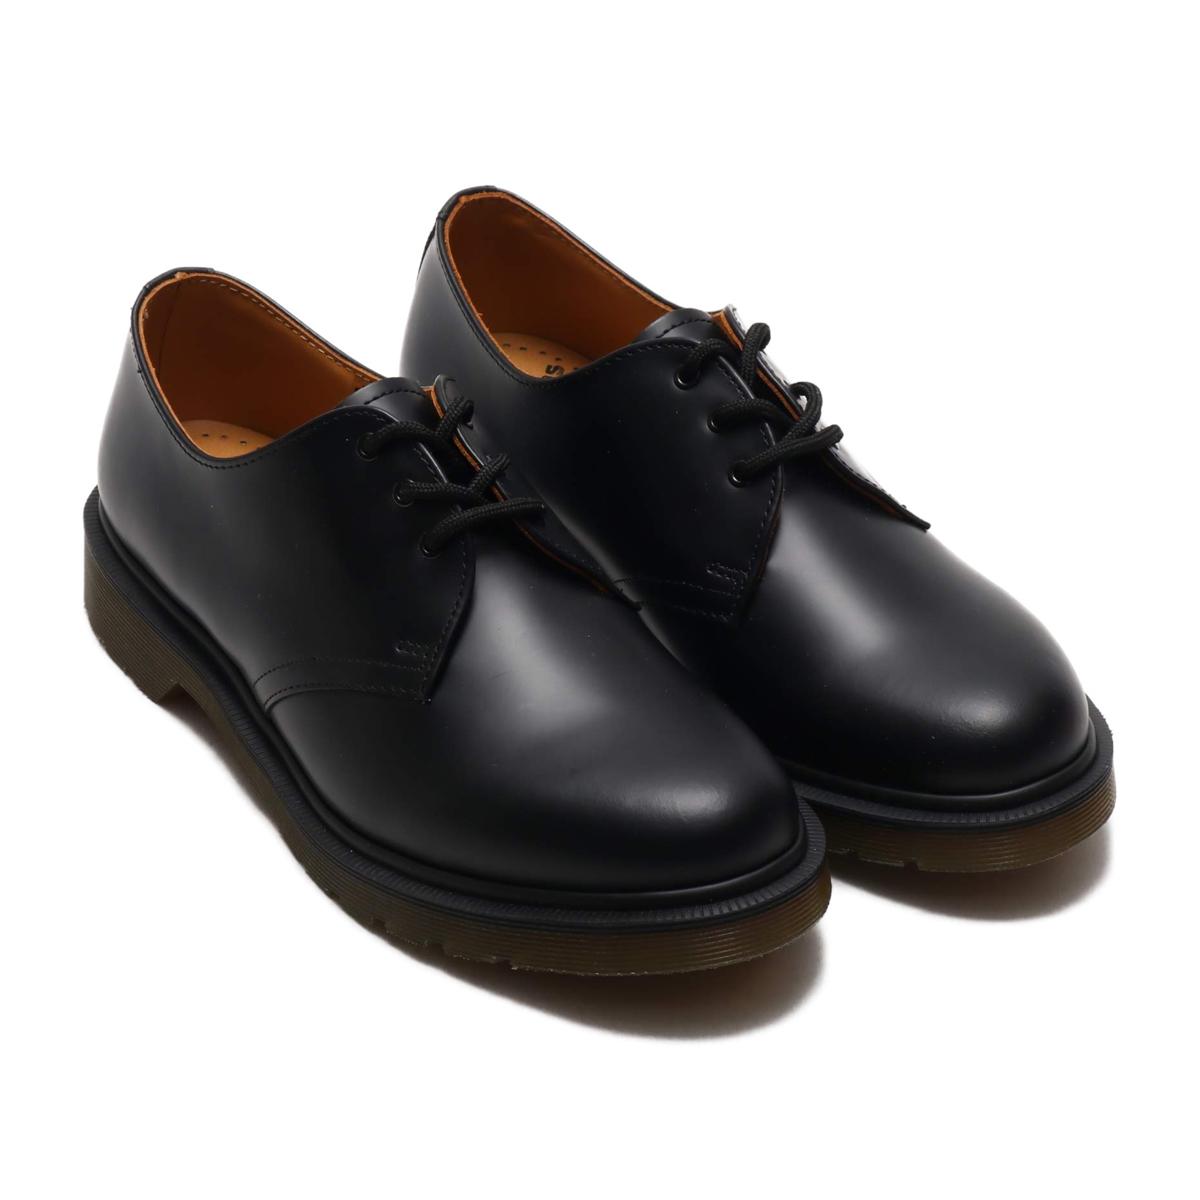 Dr.Martens 1461 PW (ドクターマーチン 1461 プレーンウェルト)Black Smooth【メンズ レディース カジュアルシューズ】19SS-I